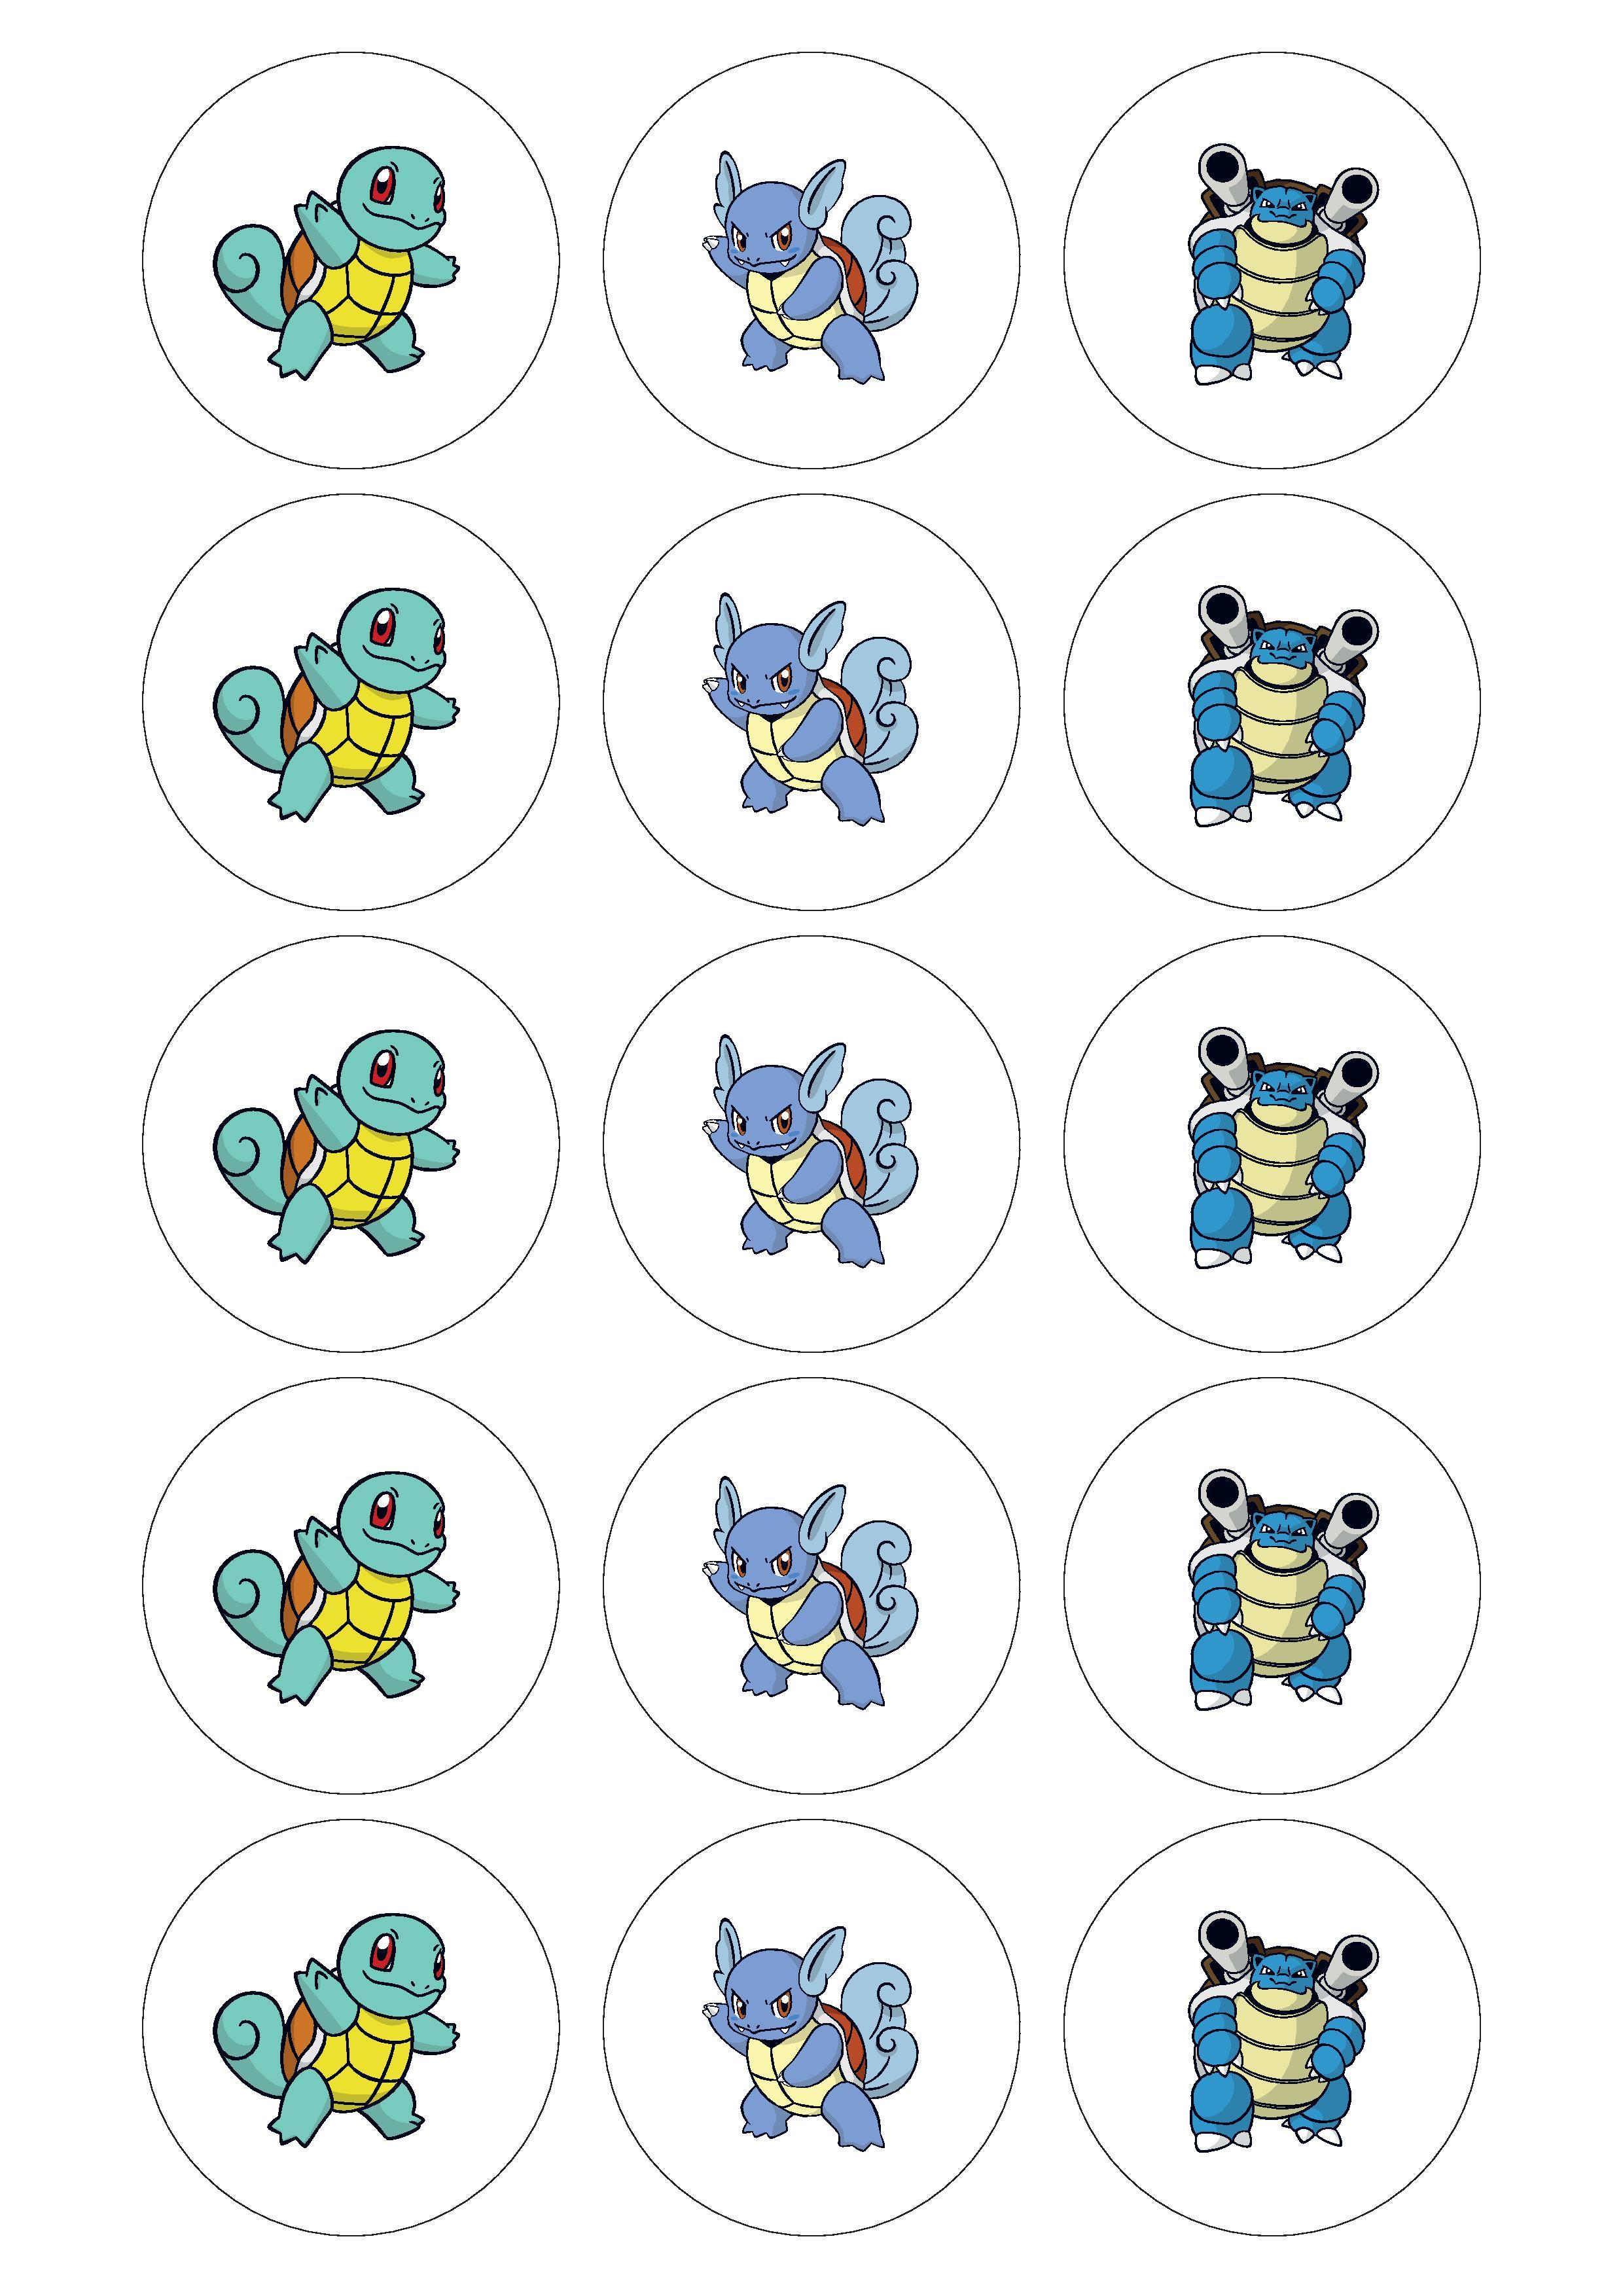 pokemonok-page-002